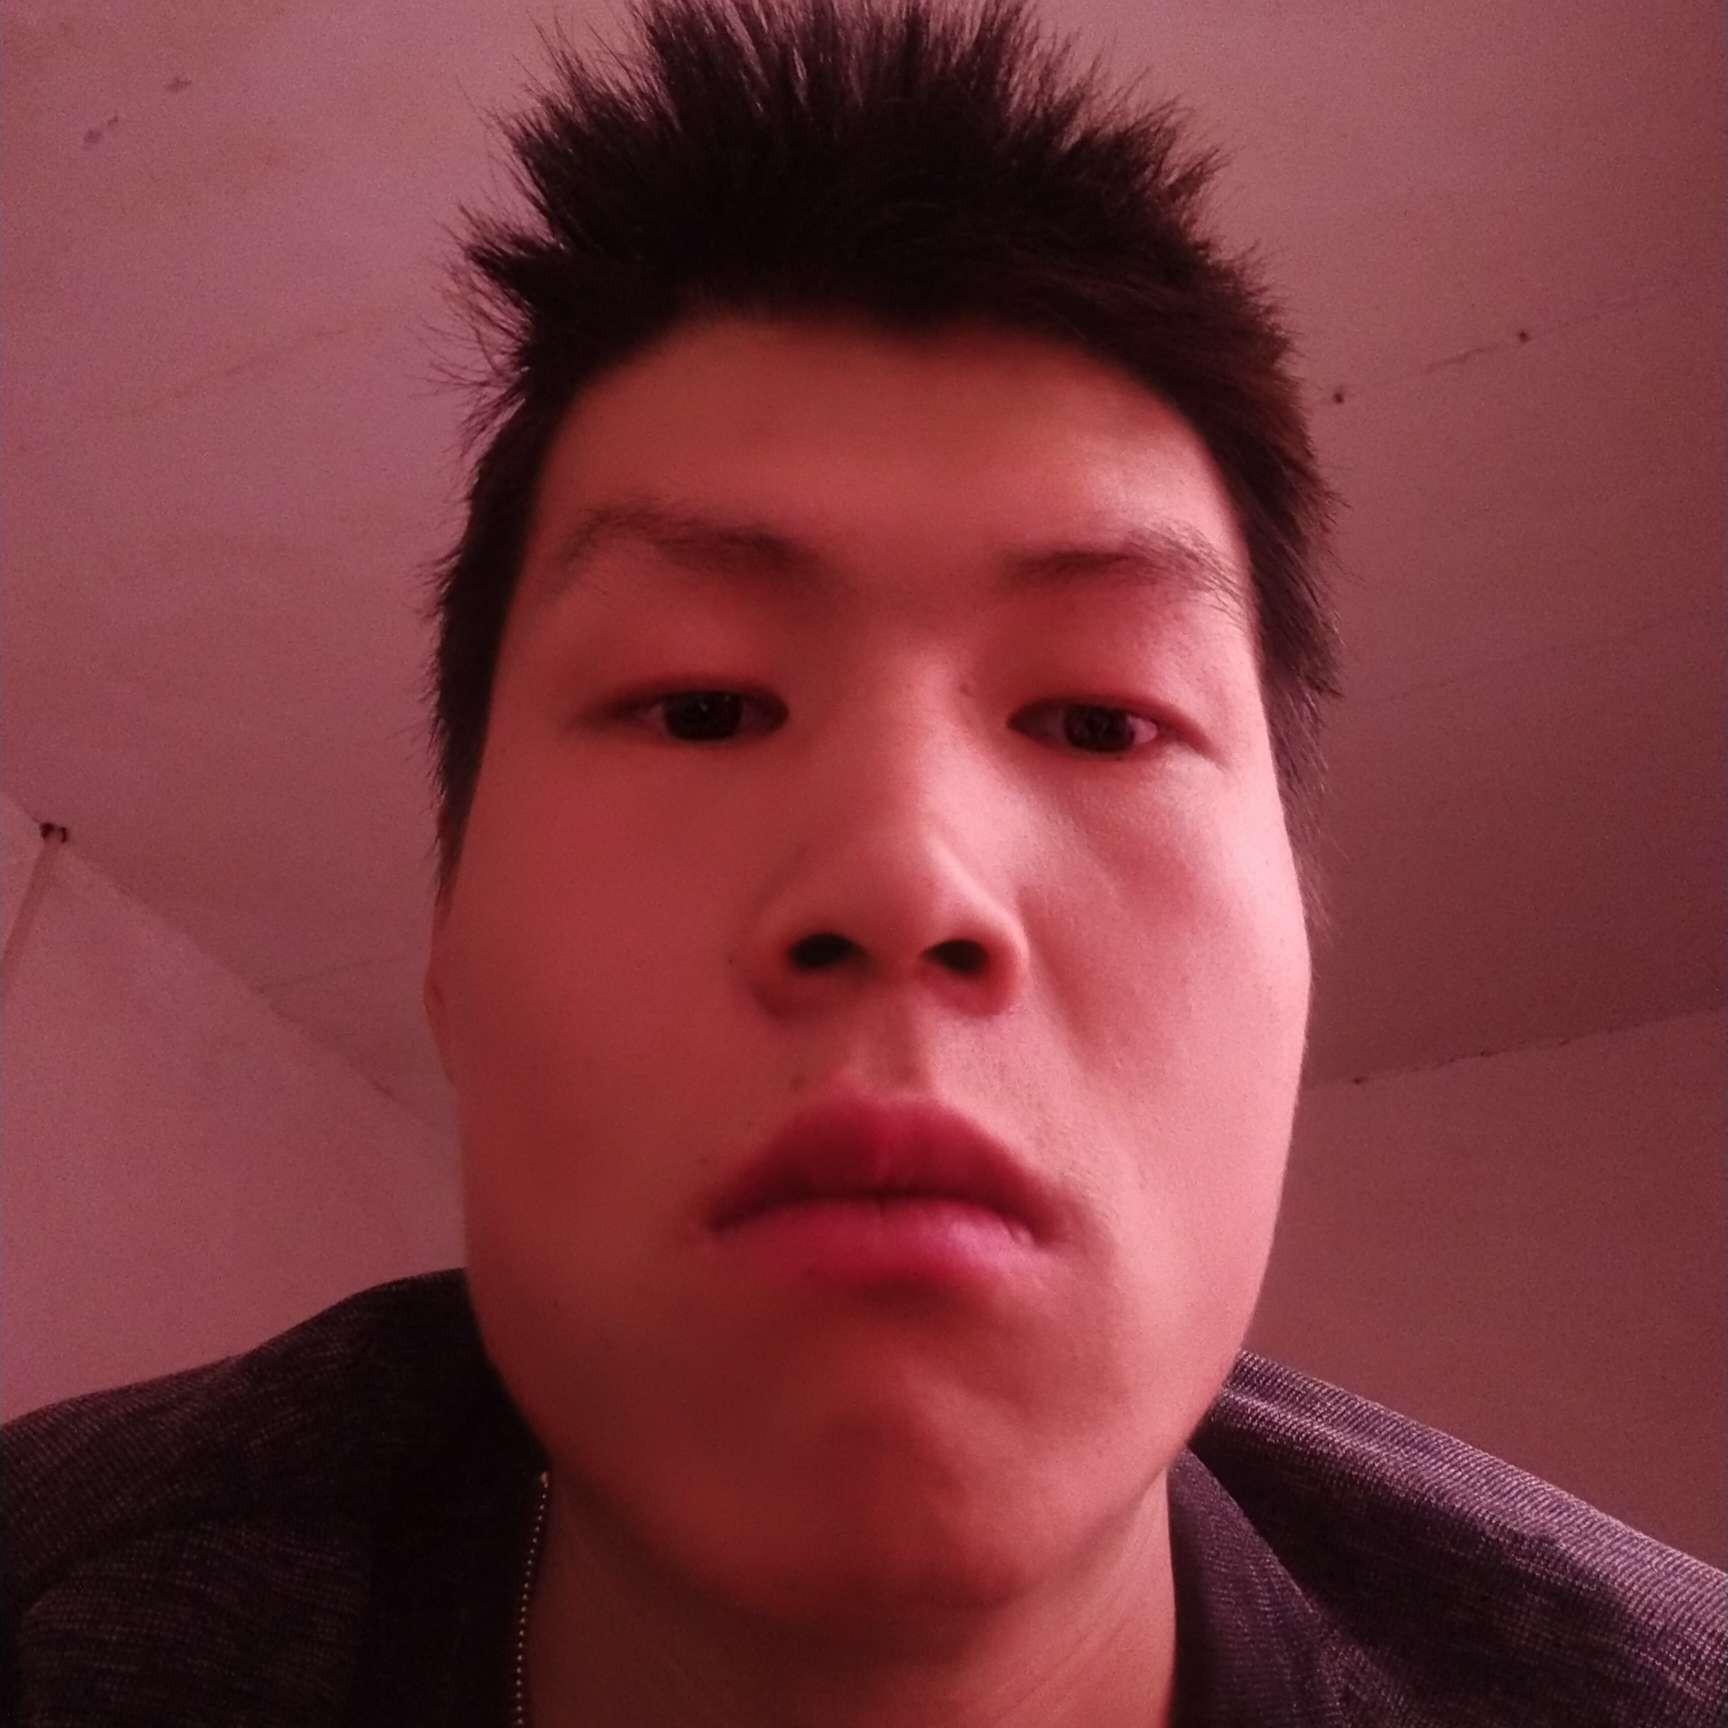 岳鹏斌的照片